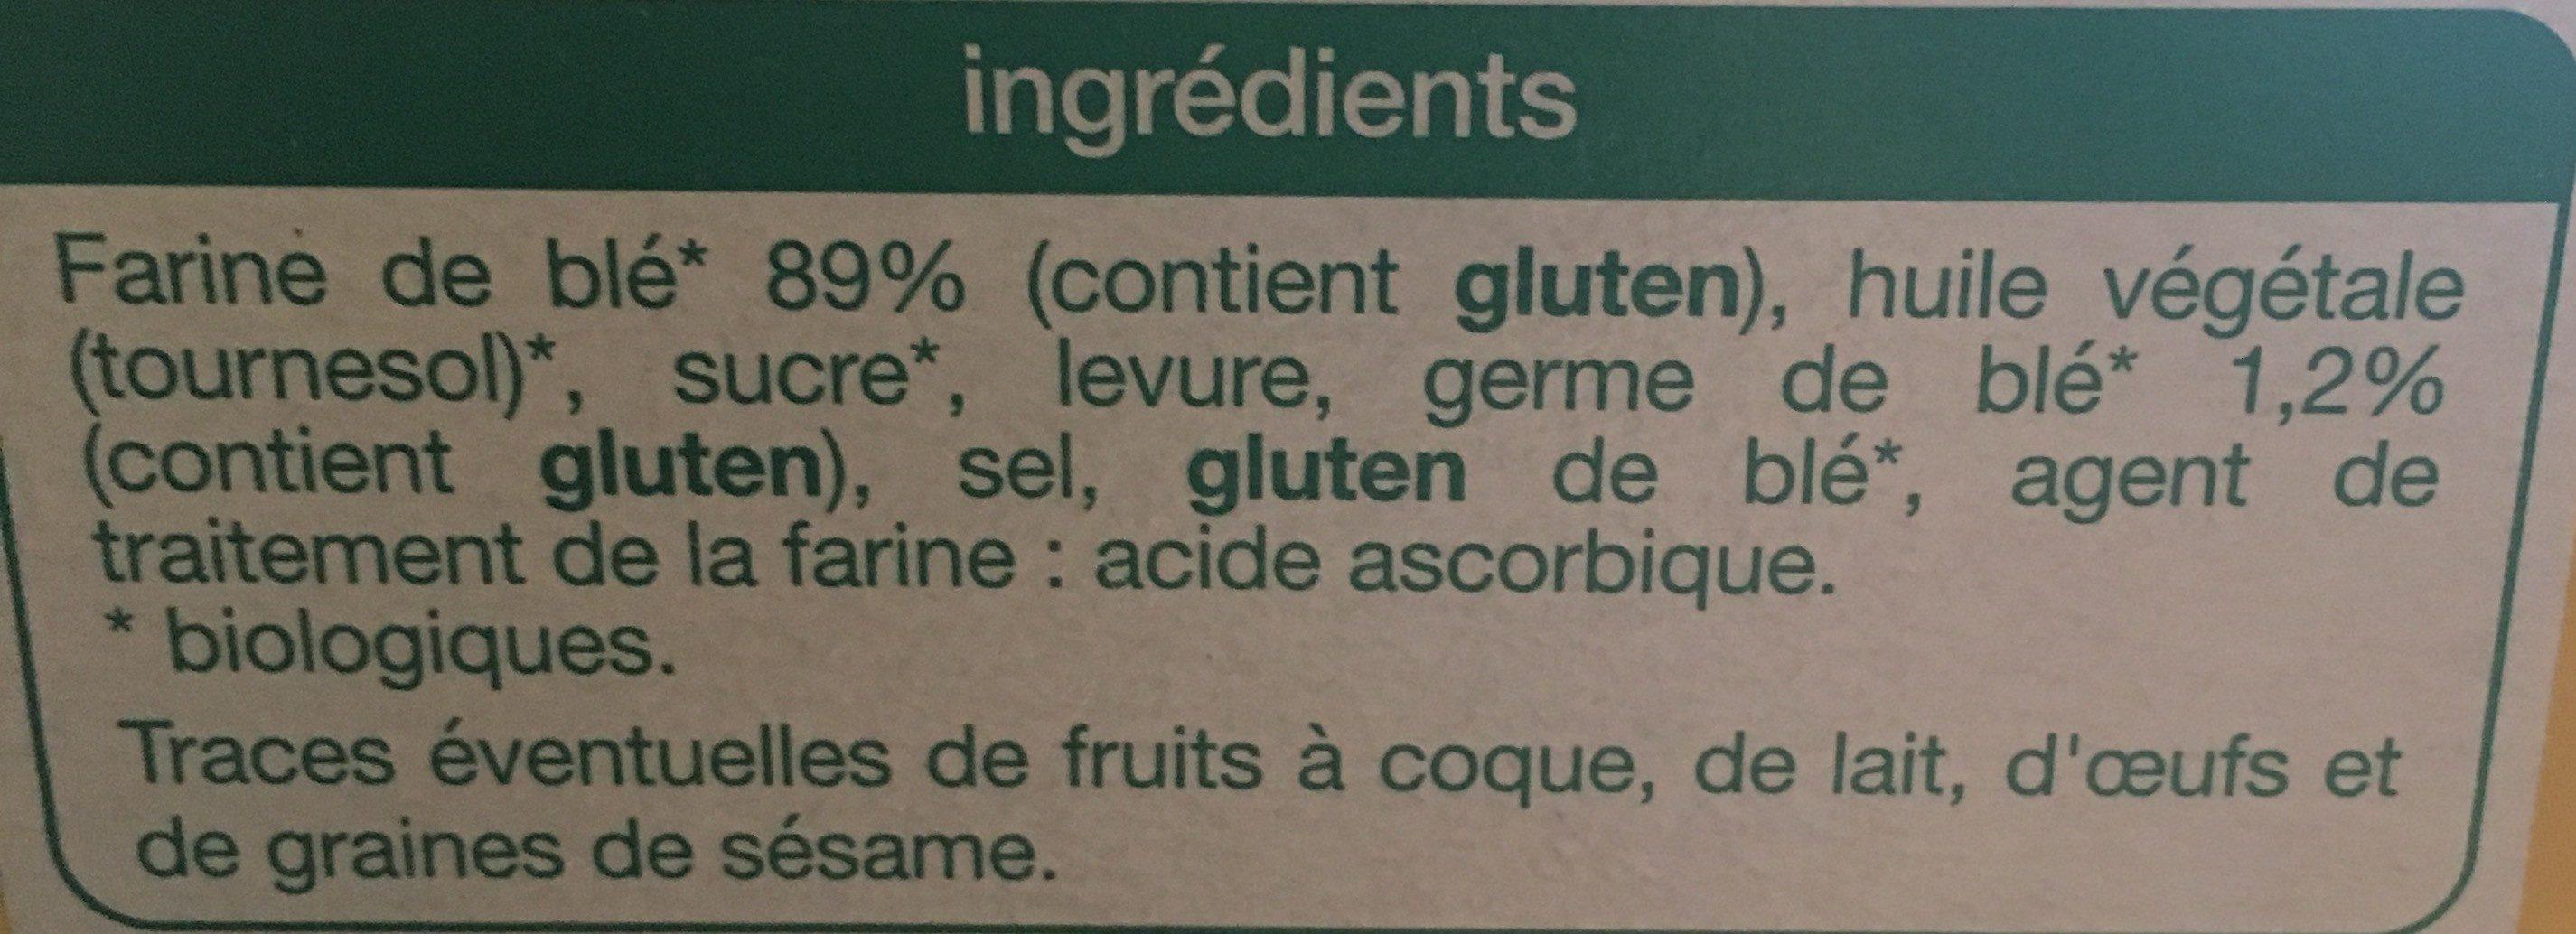 Biscottes au germe de blé - Ingrédients